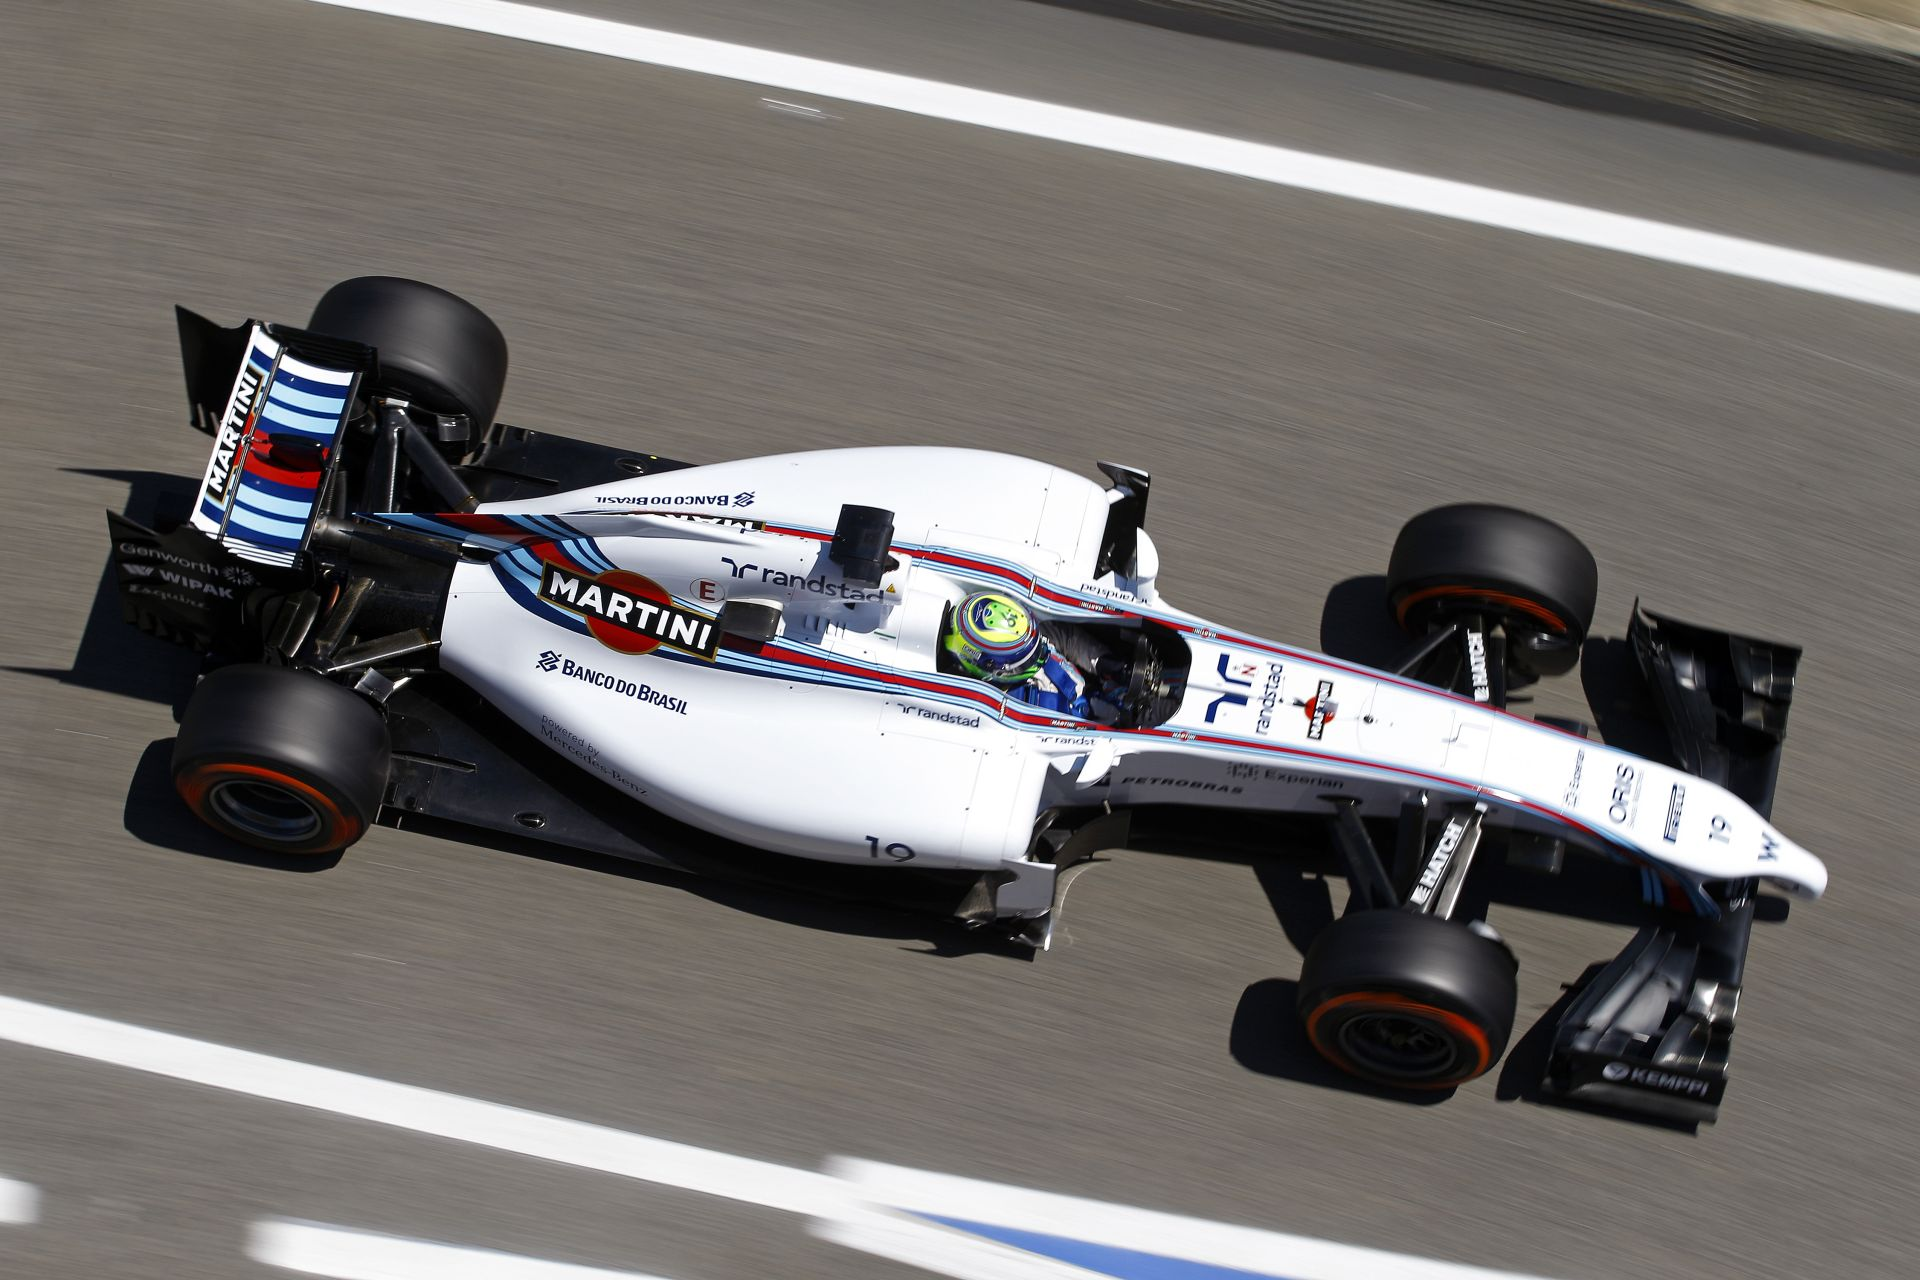 Hihetetlen kevés pénzért lett főtámogató és névadó szponzor a Martini a Williams csapatnál